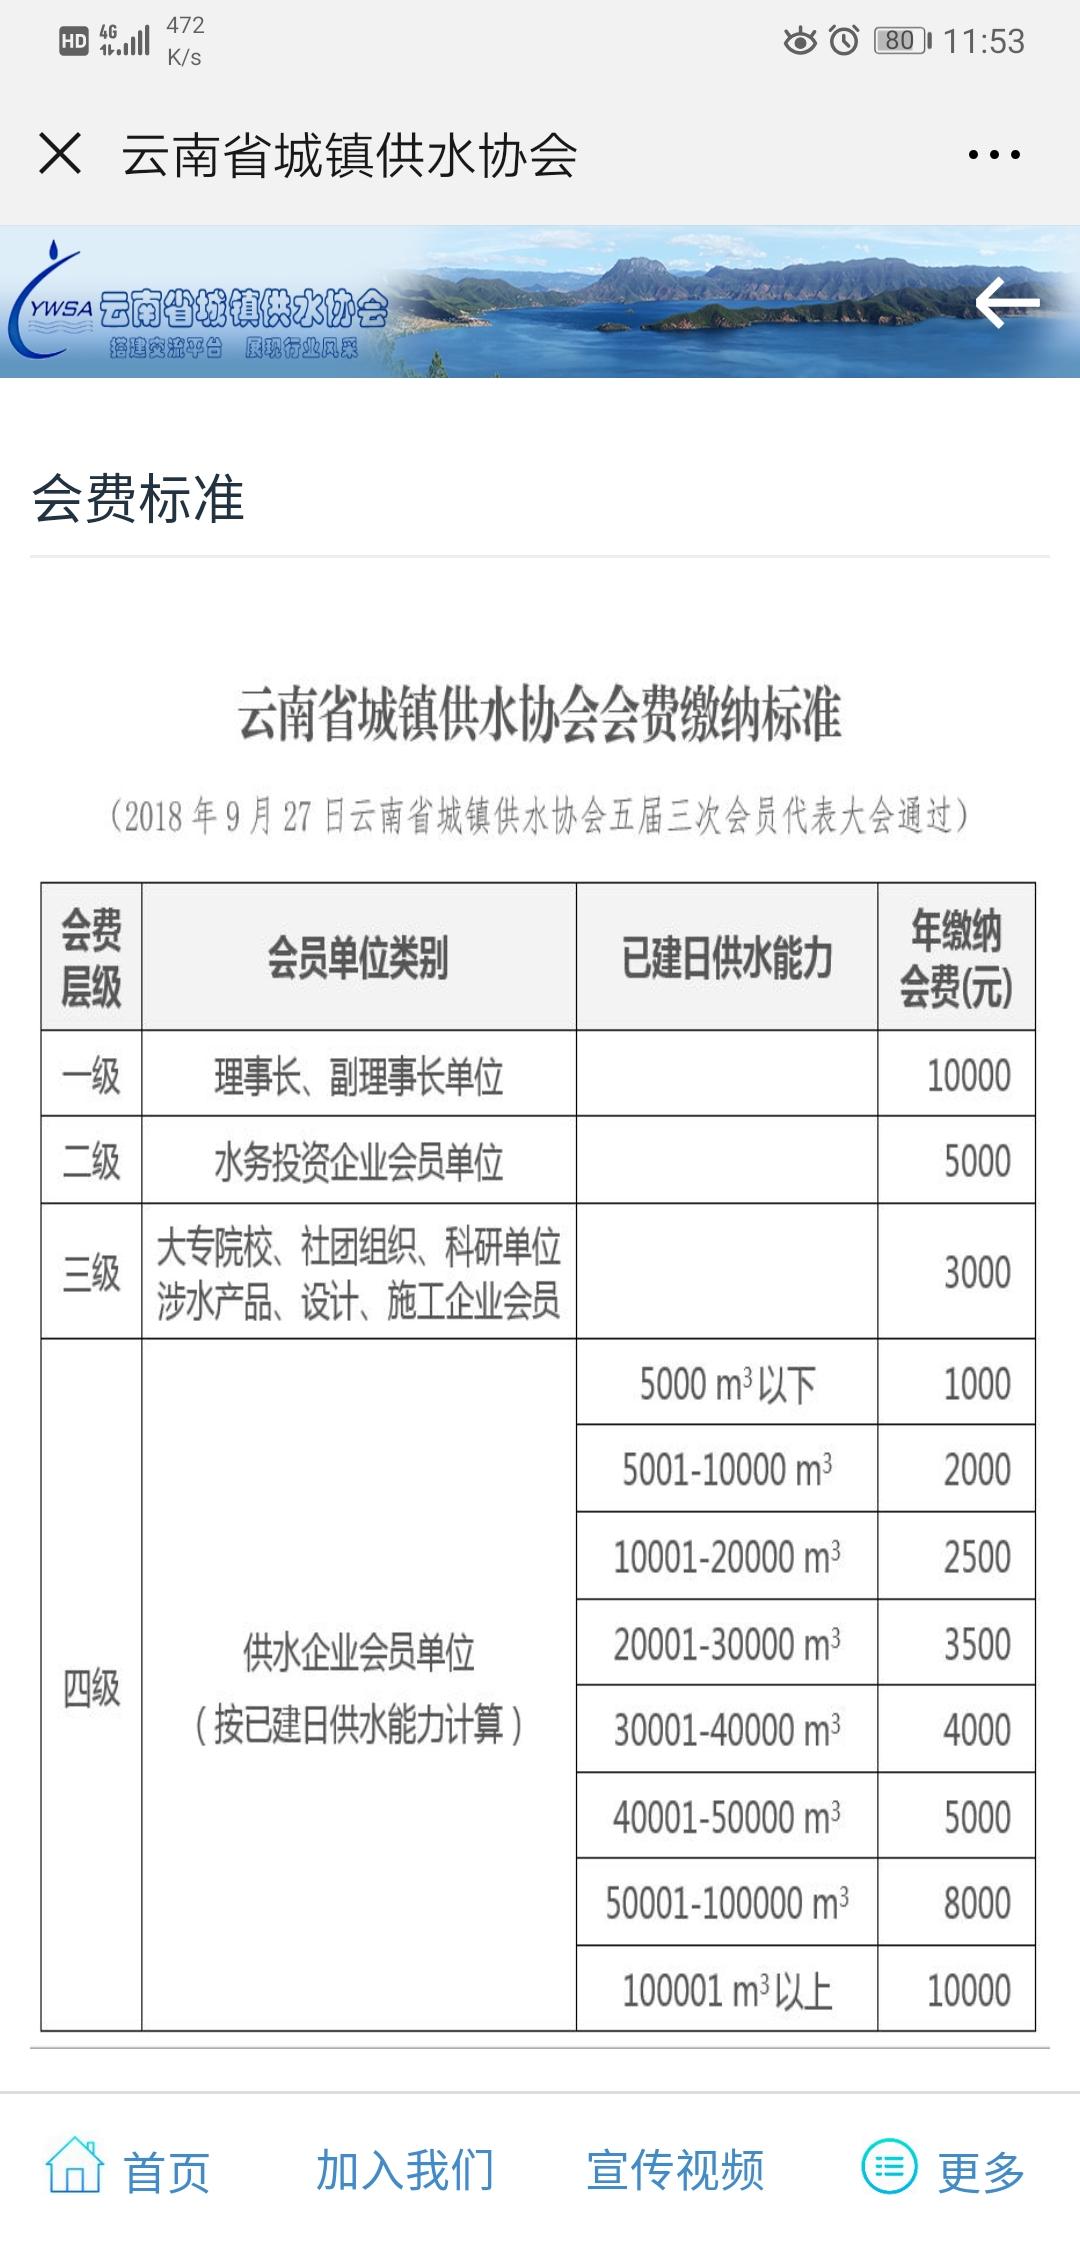 云南供水网手机版上线运行4.jpg